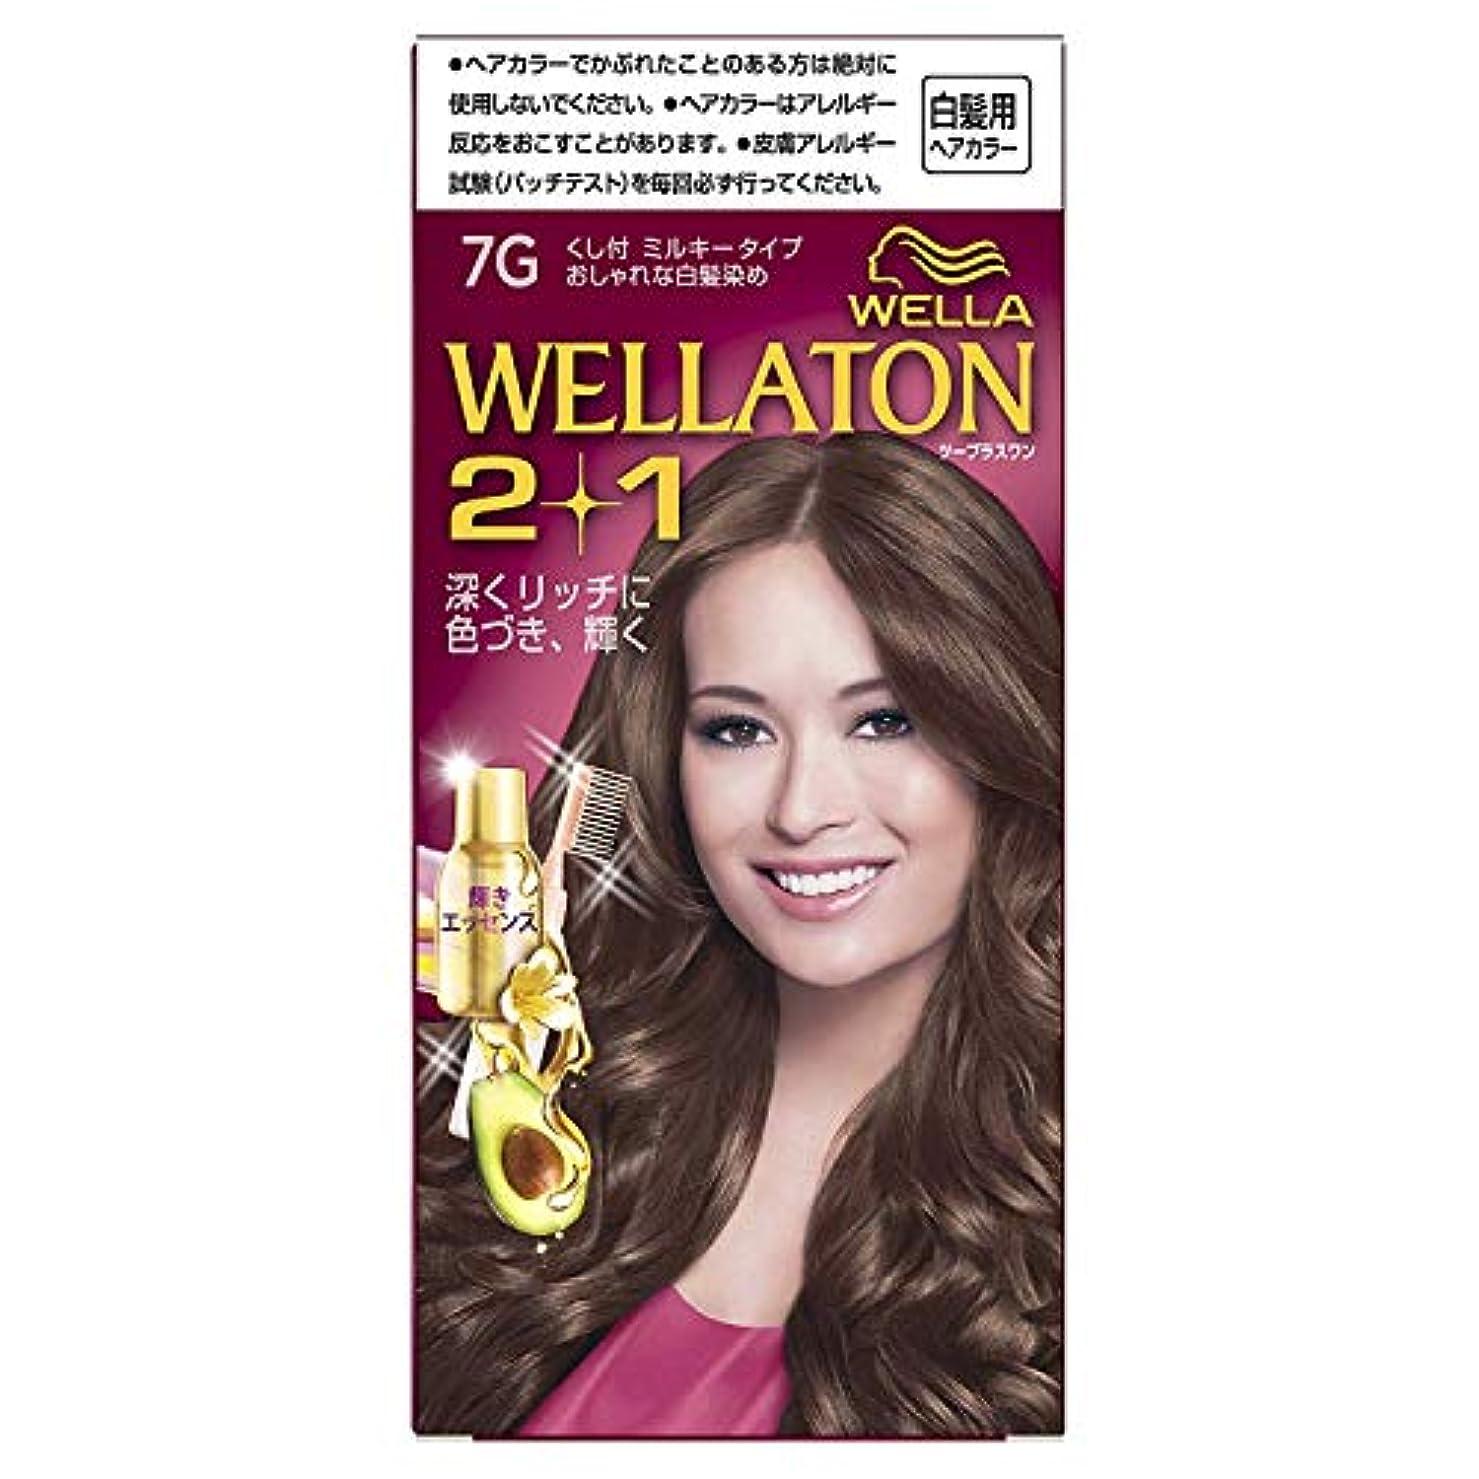 主に飾り羽修正するウエラトーン2+1 白髪染め くし付ミルキータイプ 7G [医薬部外品] ×6個